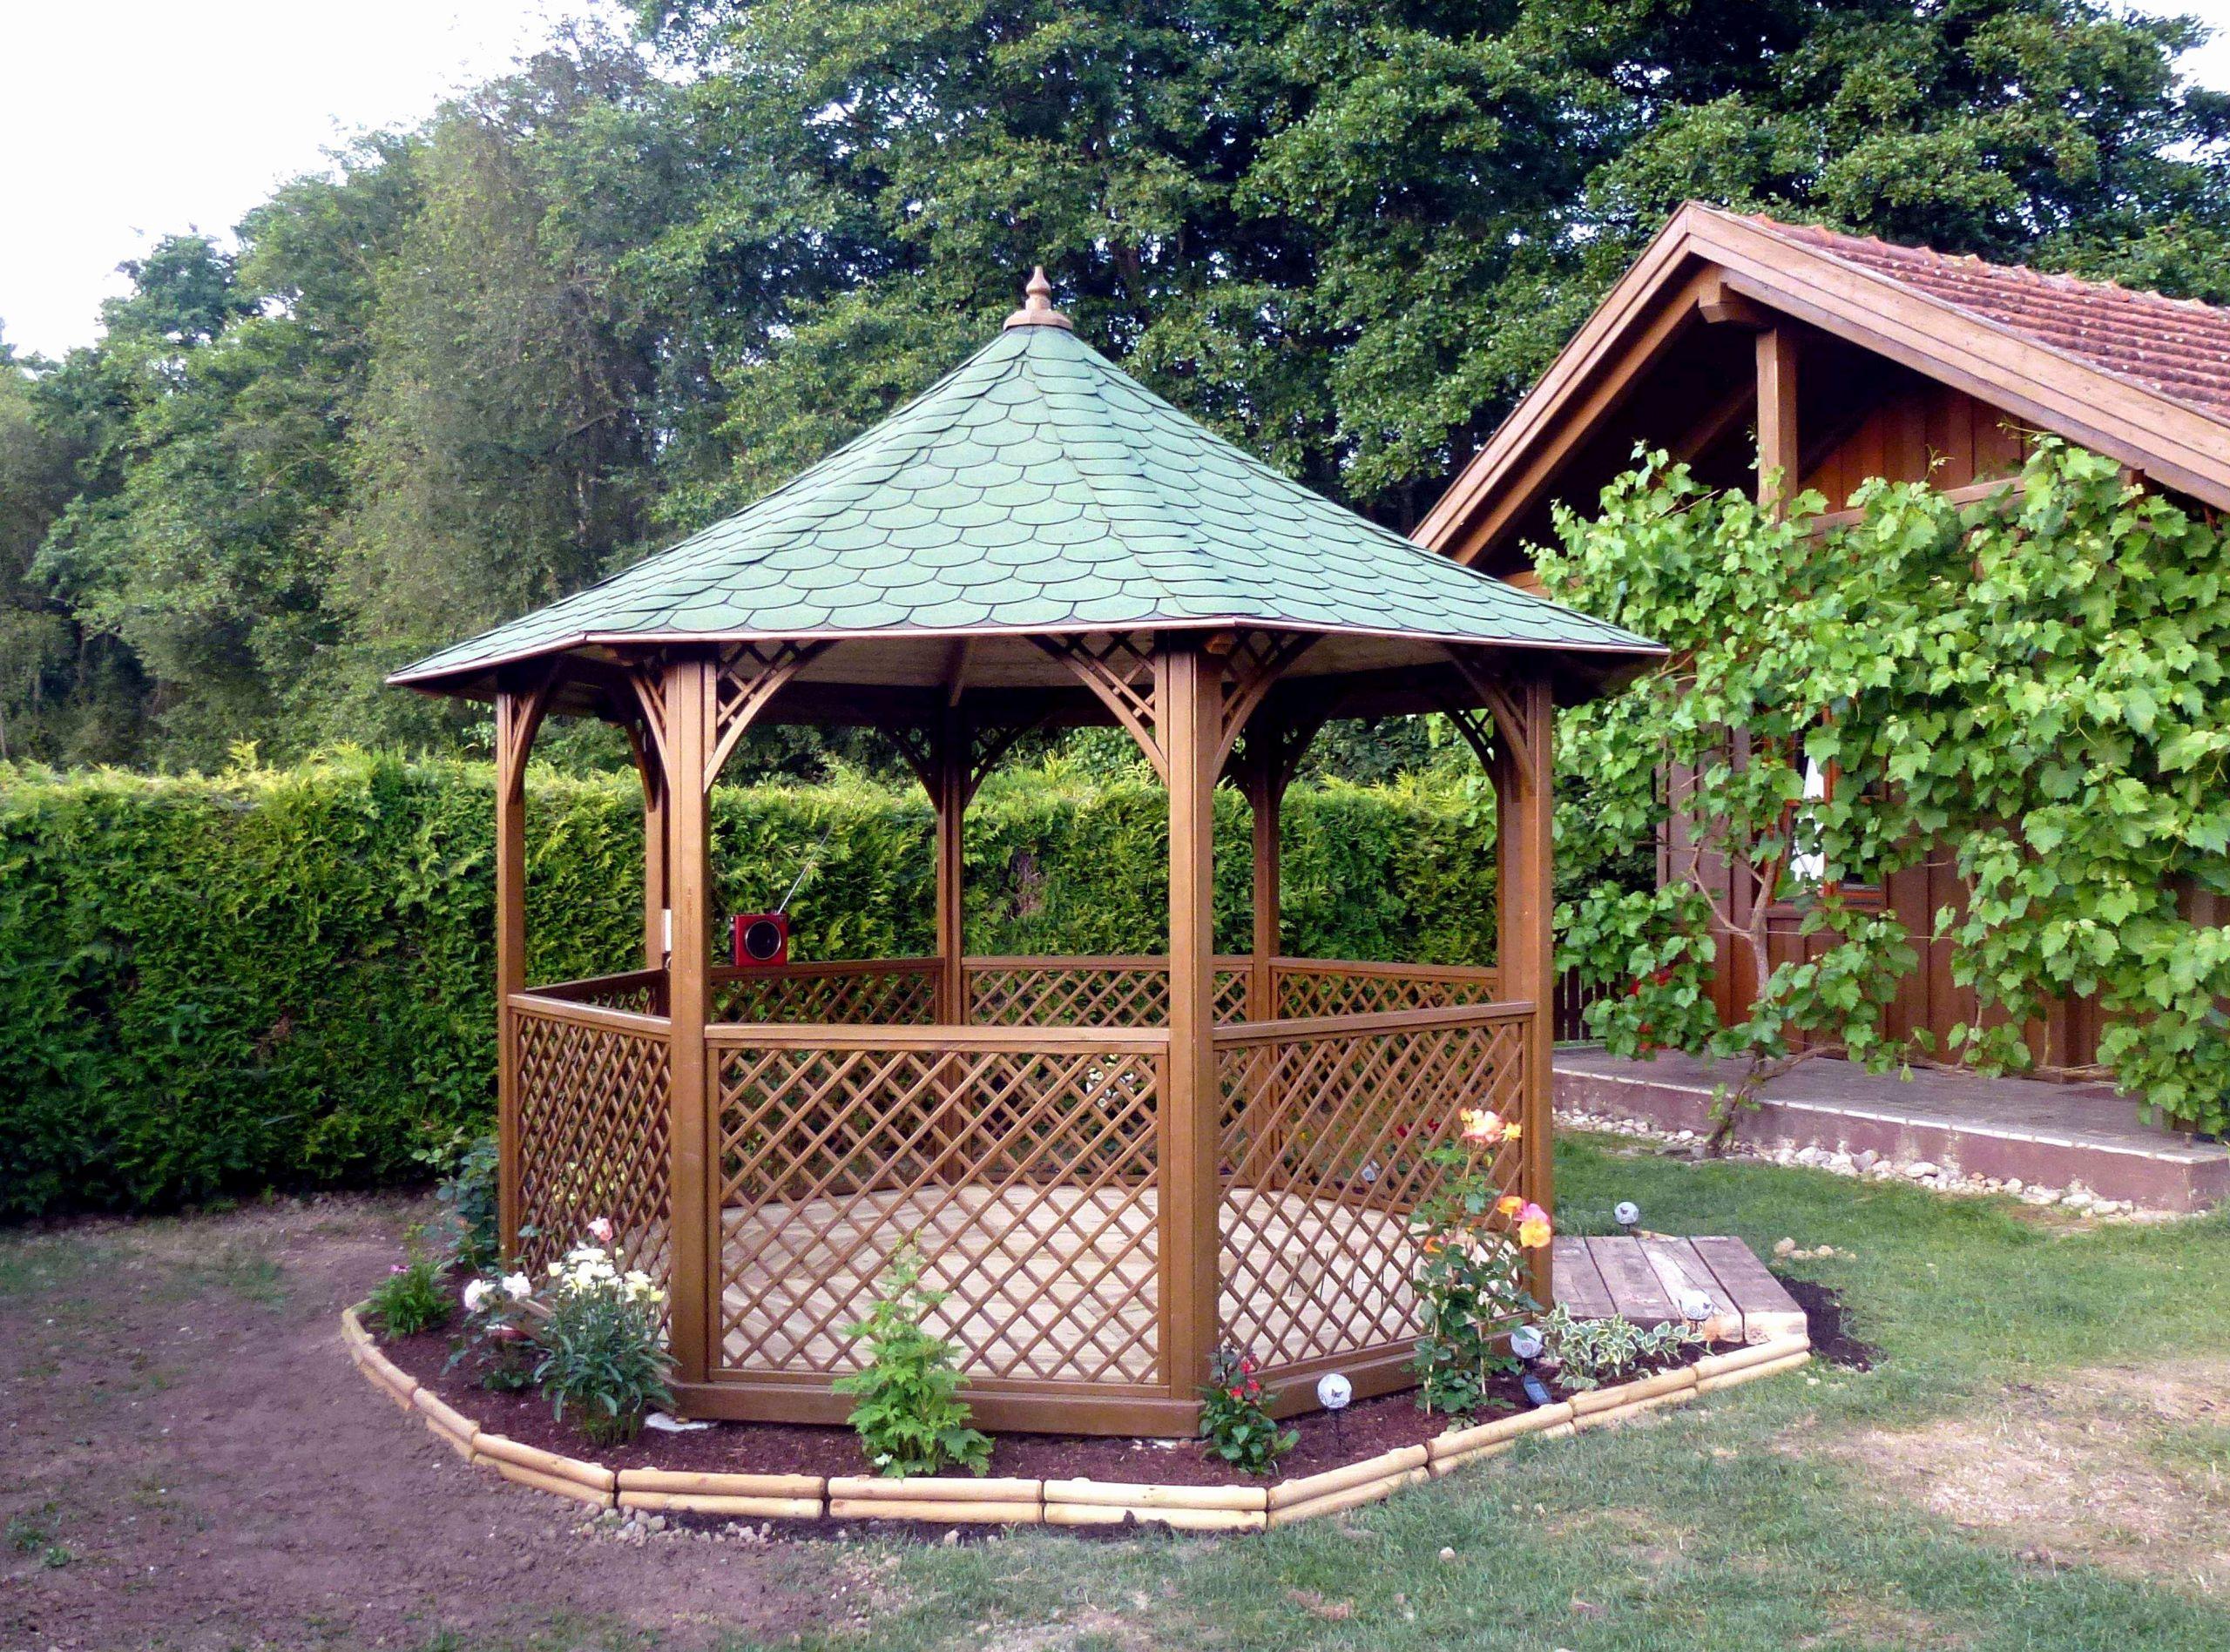 Abri Jardin Ouvert Abri De Jardin Bois Ouvert Beau Petit Abri De Jardin Und